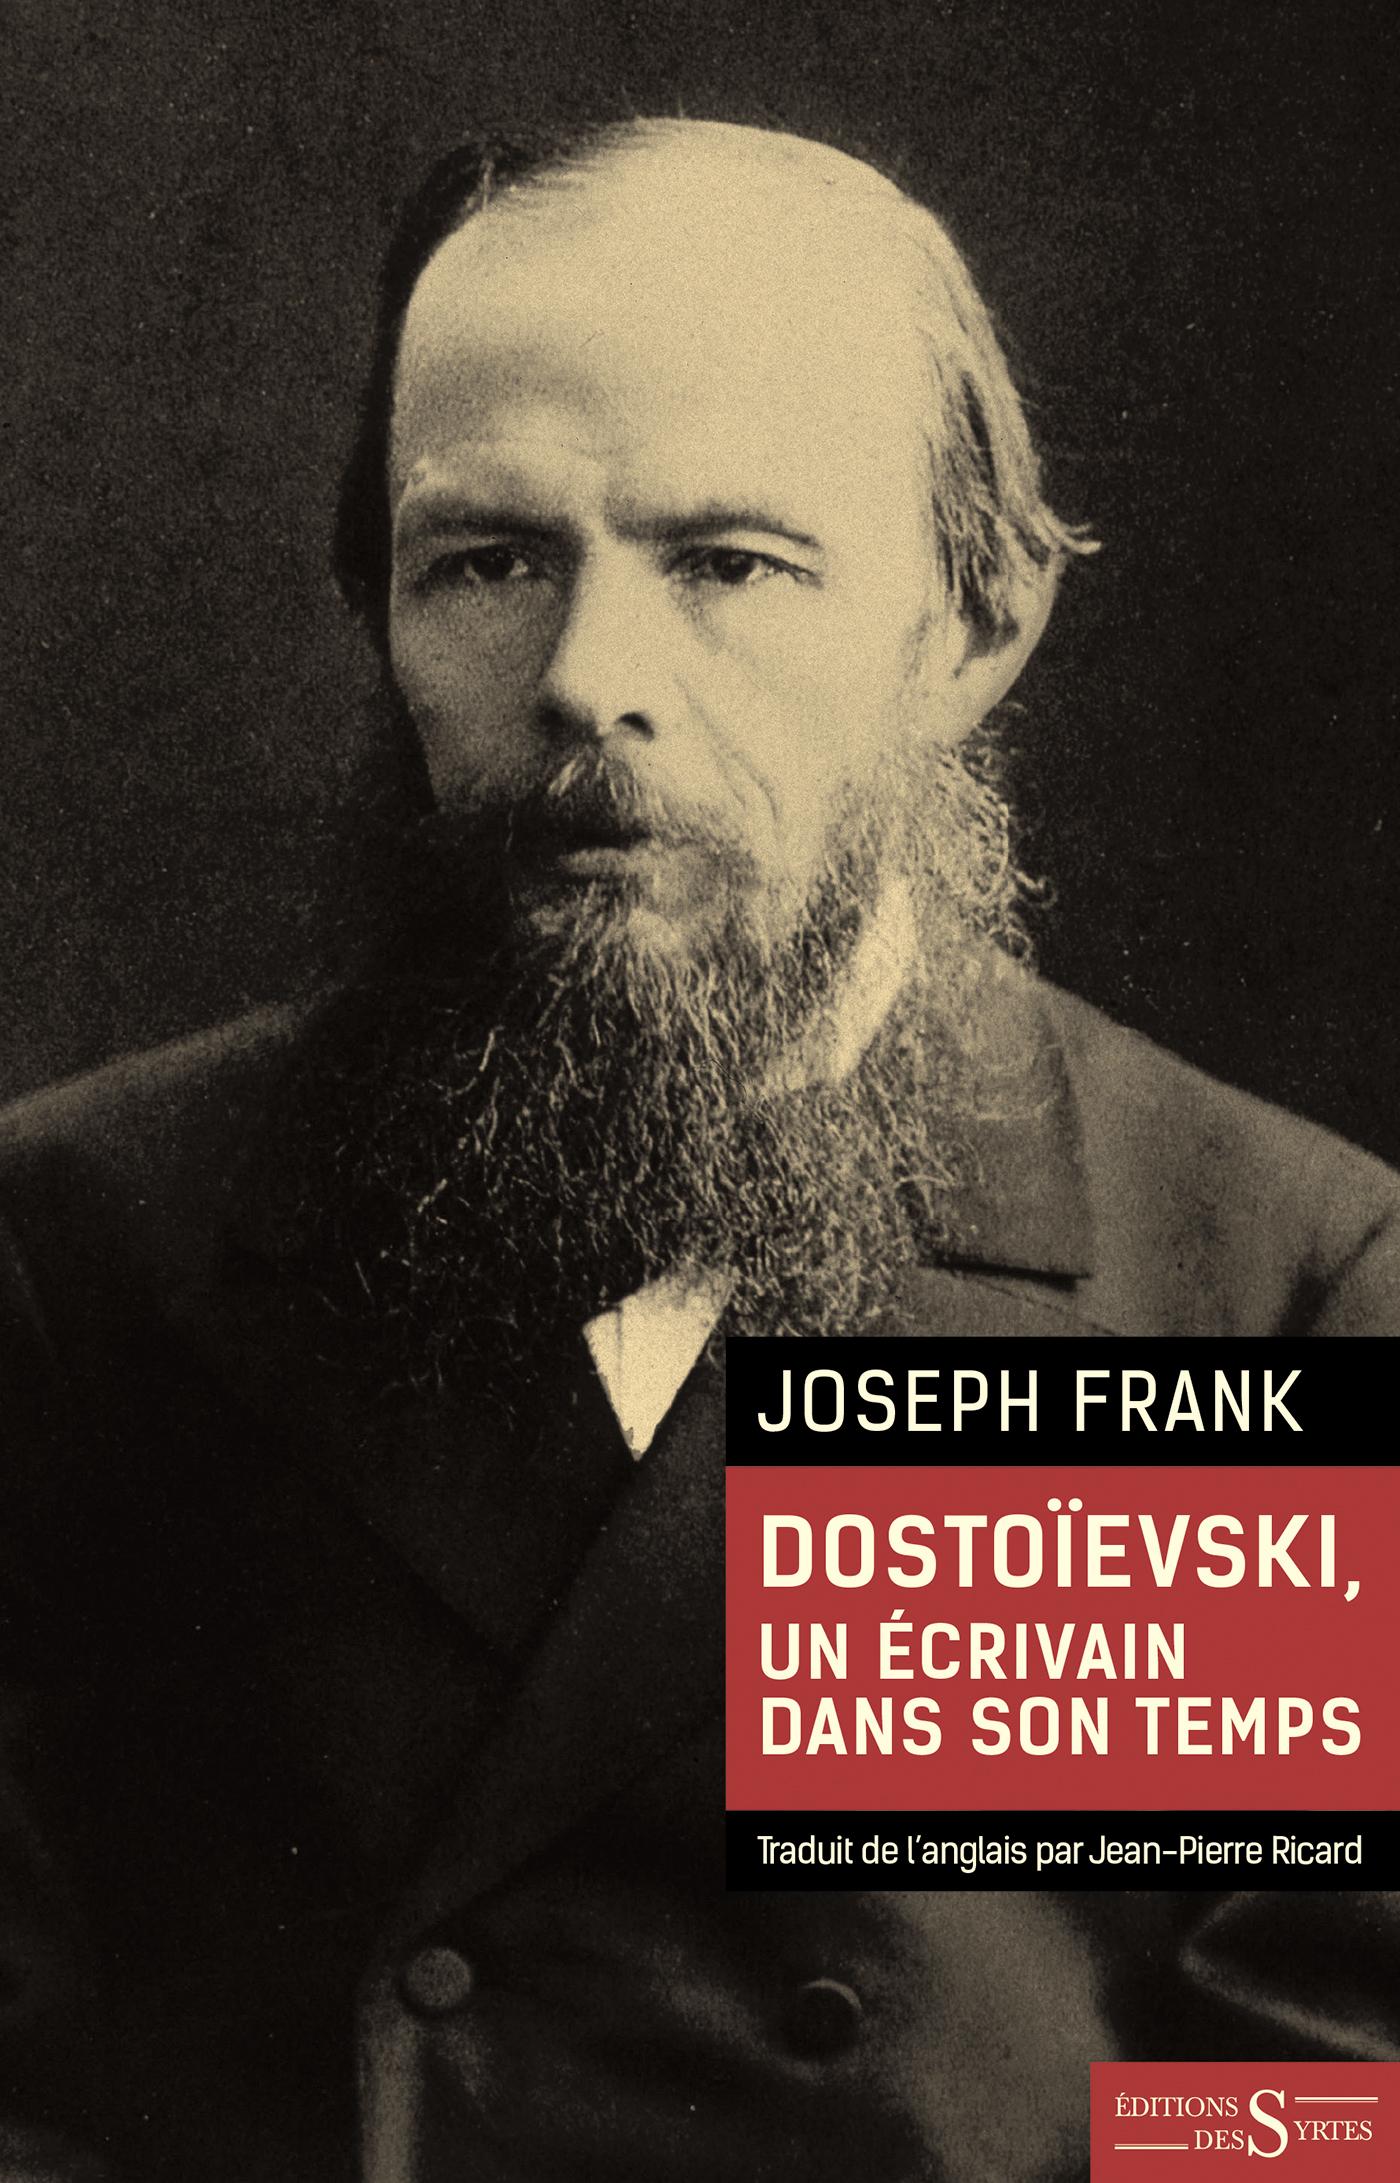 J. Frank, Dostoievski, un écrivain dans son temps